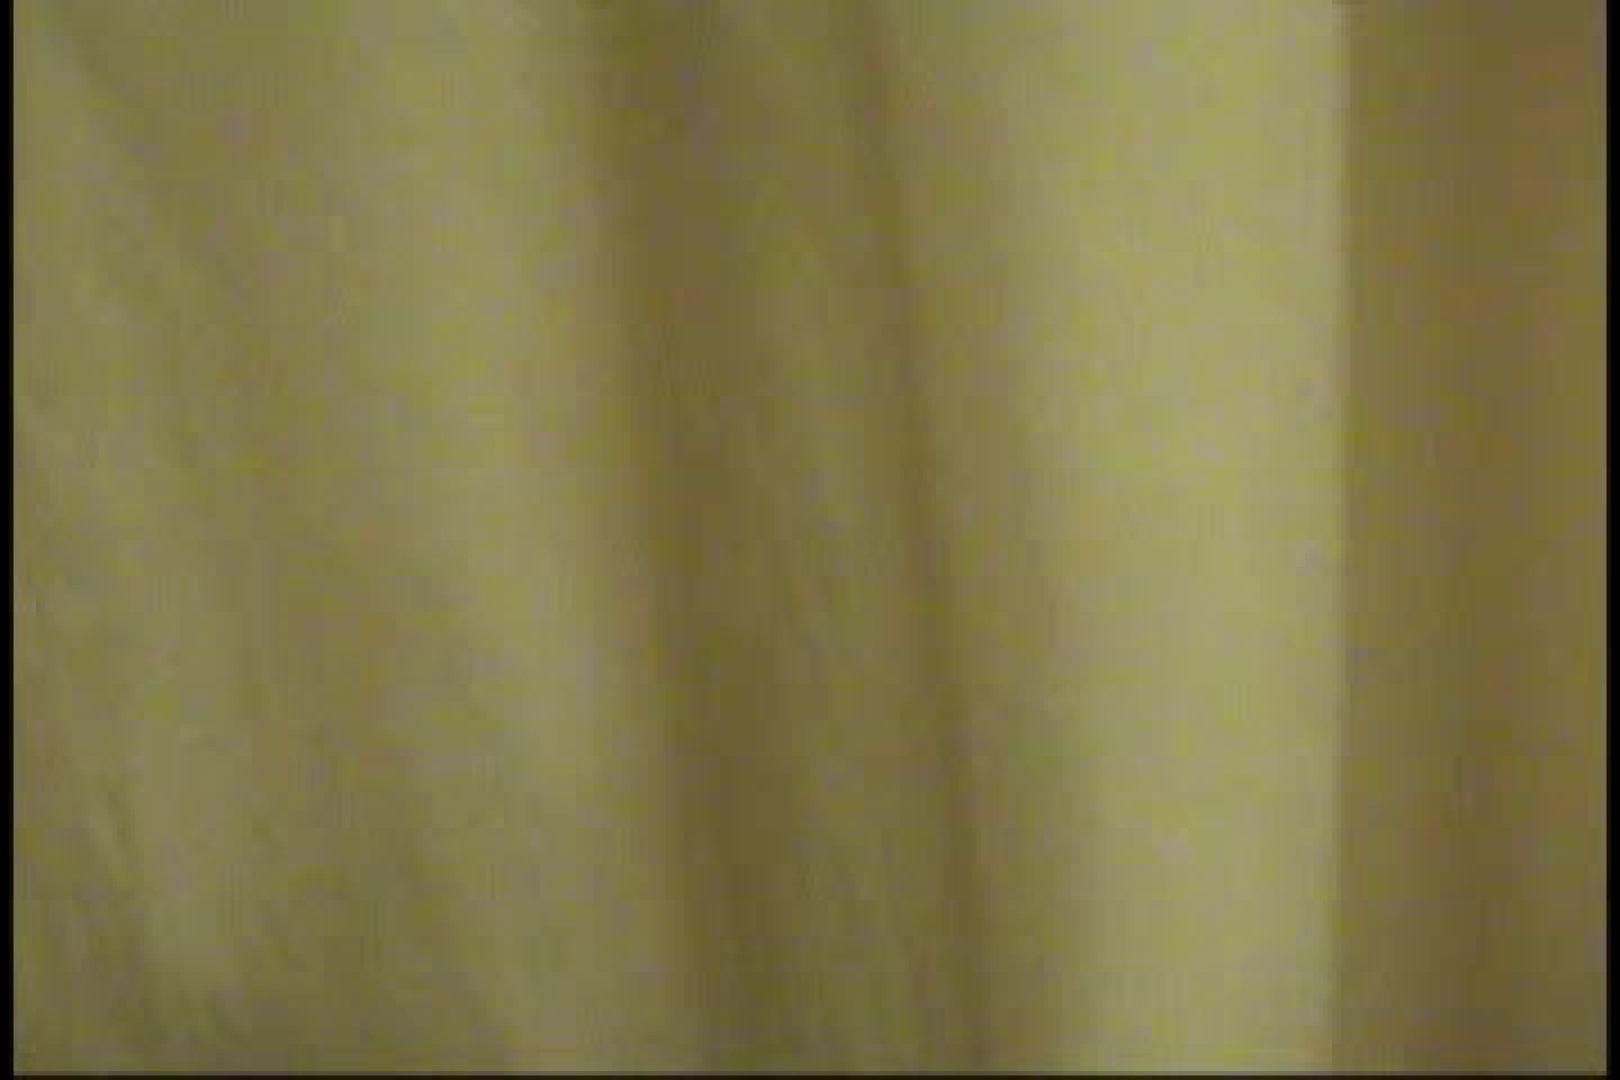 三ツ星シリーズ!!陰間茶屋独占!!第二弾!!イケメン羞恥心File.06 フェラ天国 ゲイ無修正ビデオ画像 108枚 4